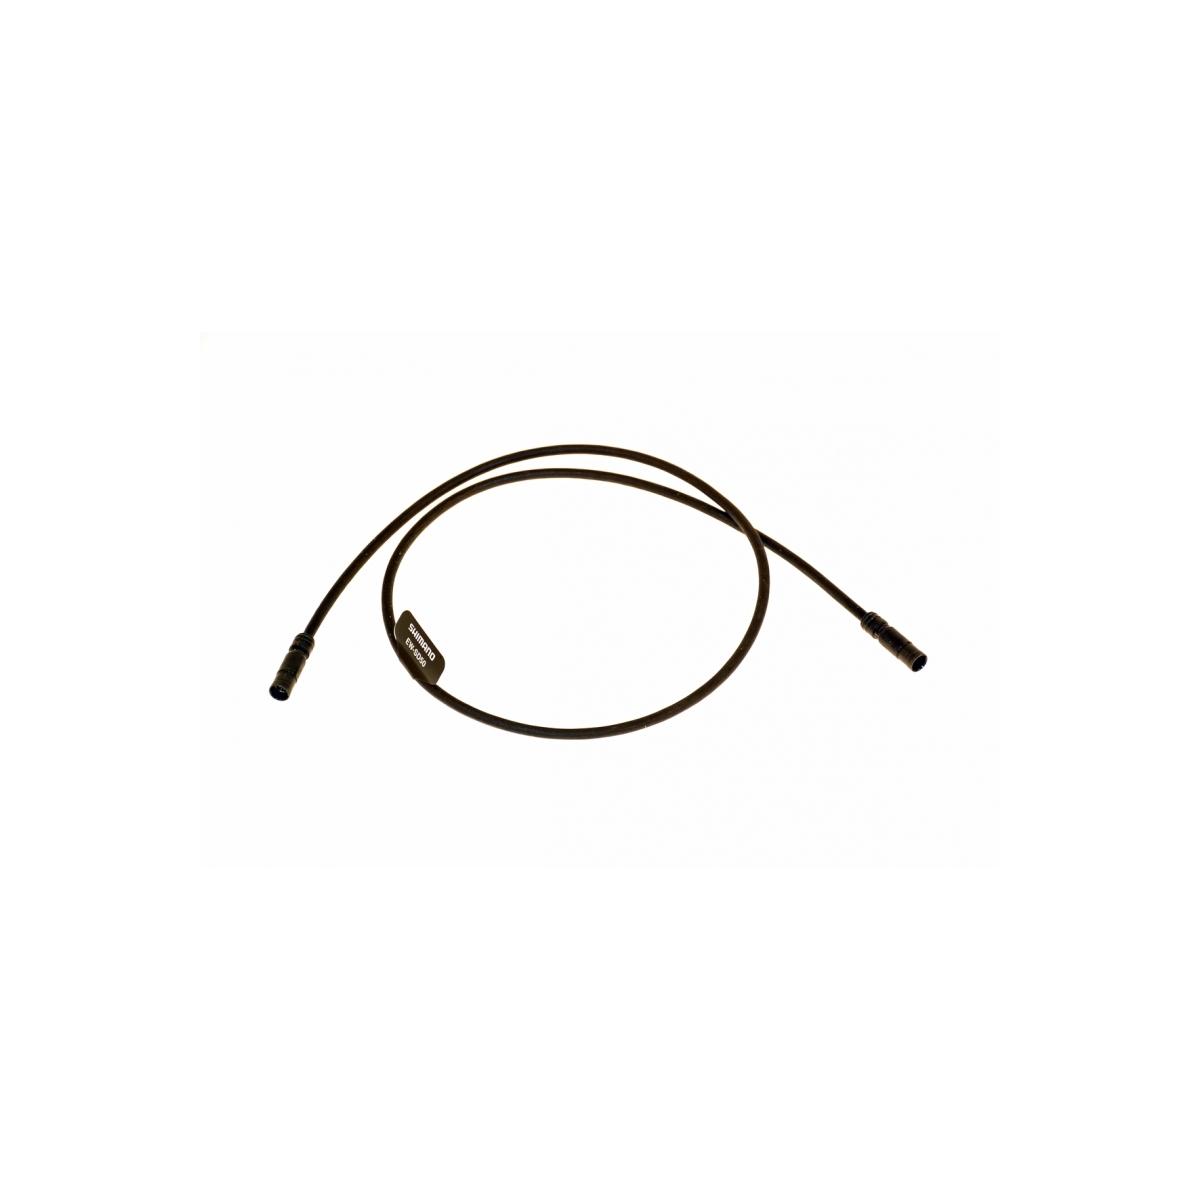 Shimano EW-SD50 Di2 E-Tube Wire 700mm